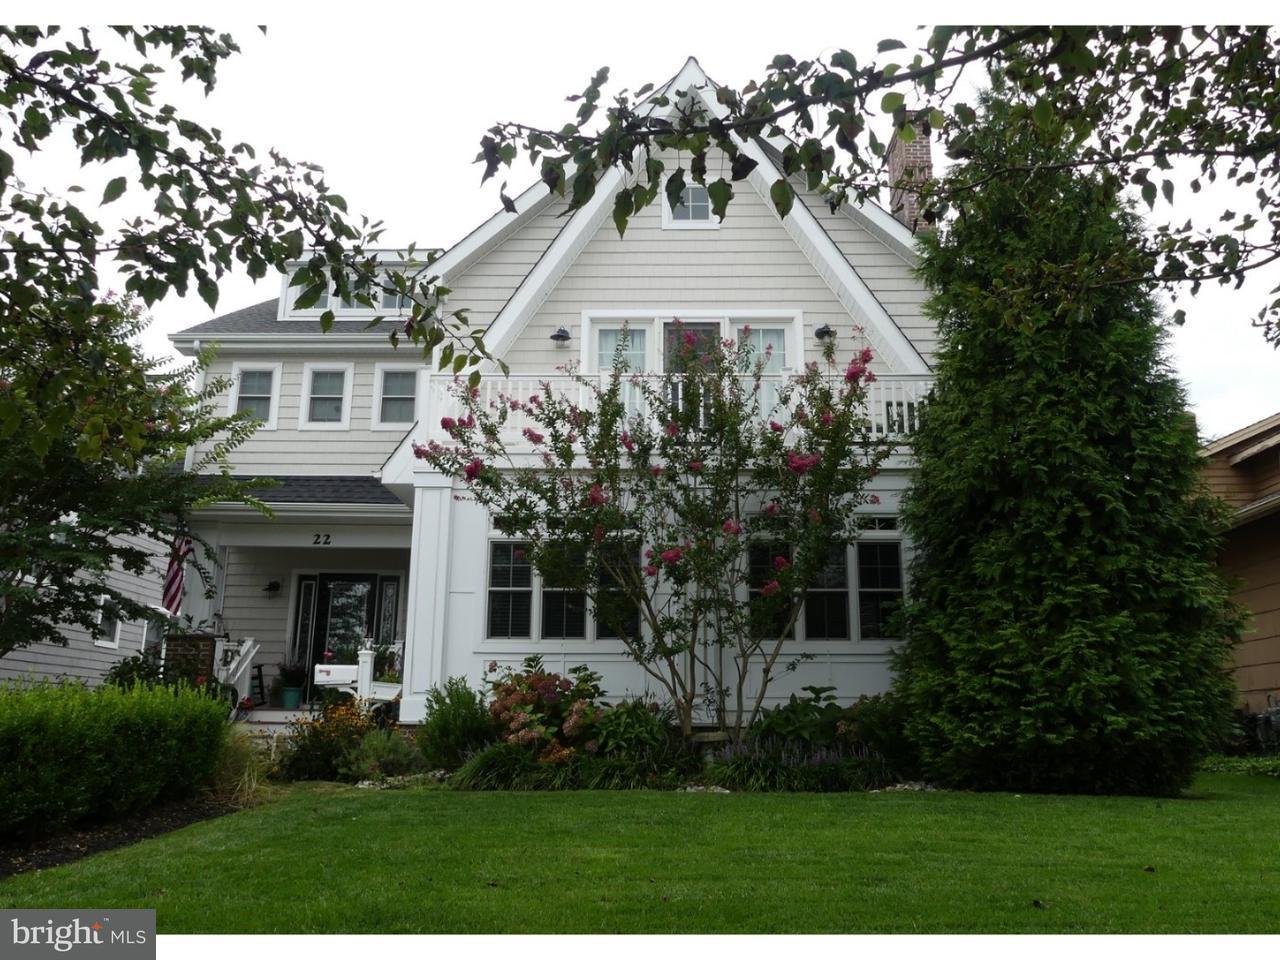 Частный односемейный дом для того Продажа на 22 SPRUCE Road Ocean City, Нью-Джерси 08226 Соединенные Штаты